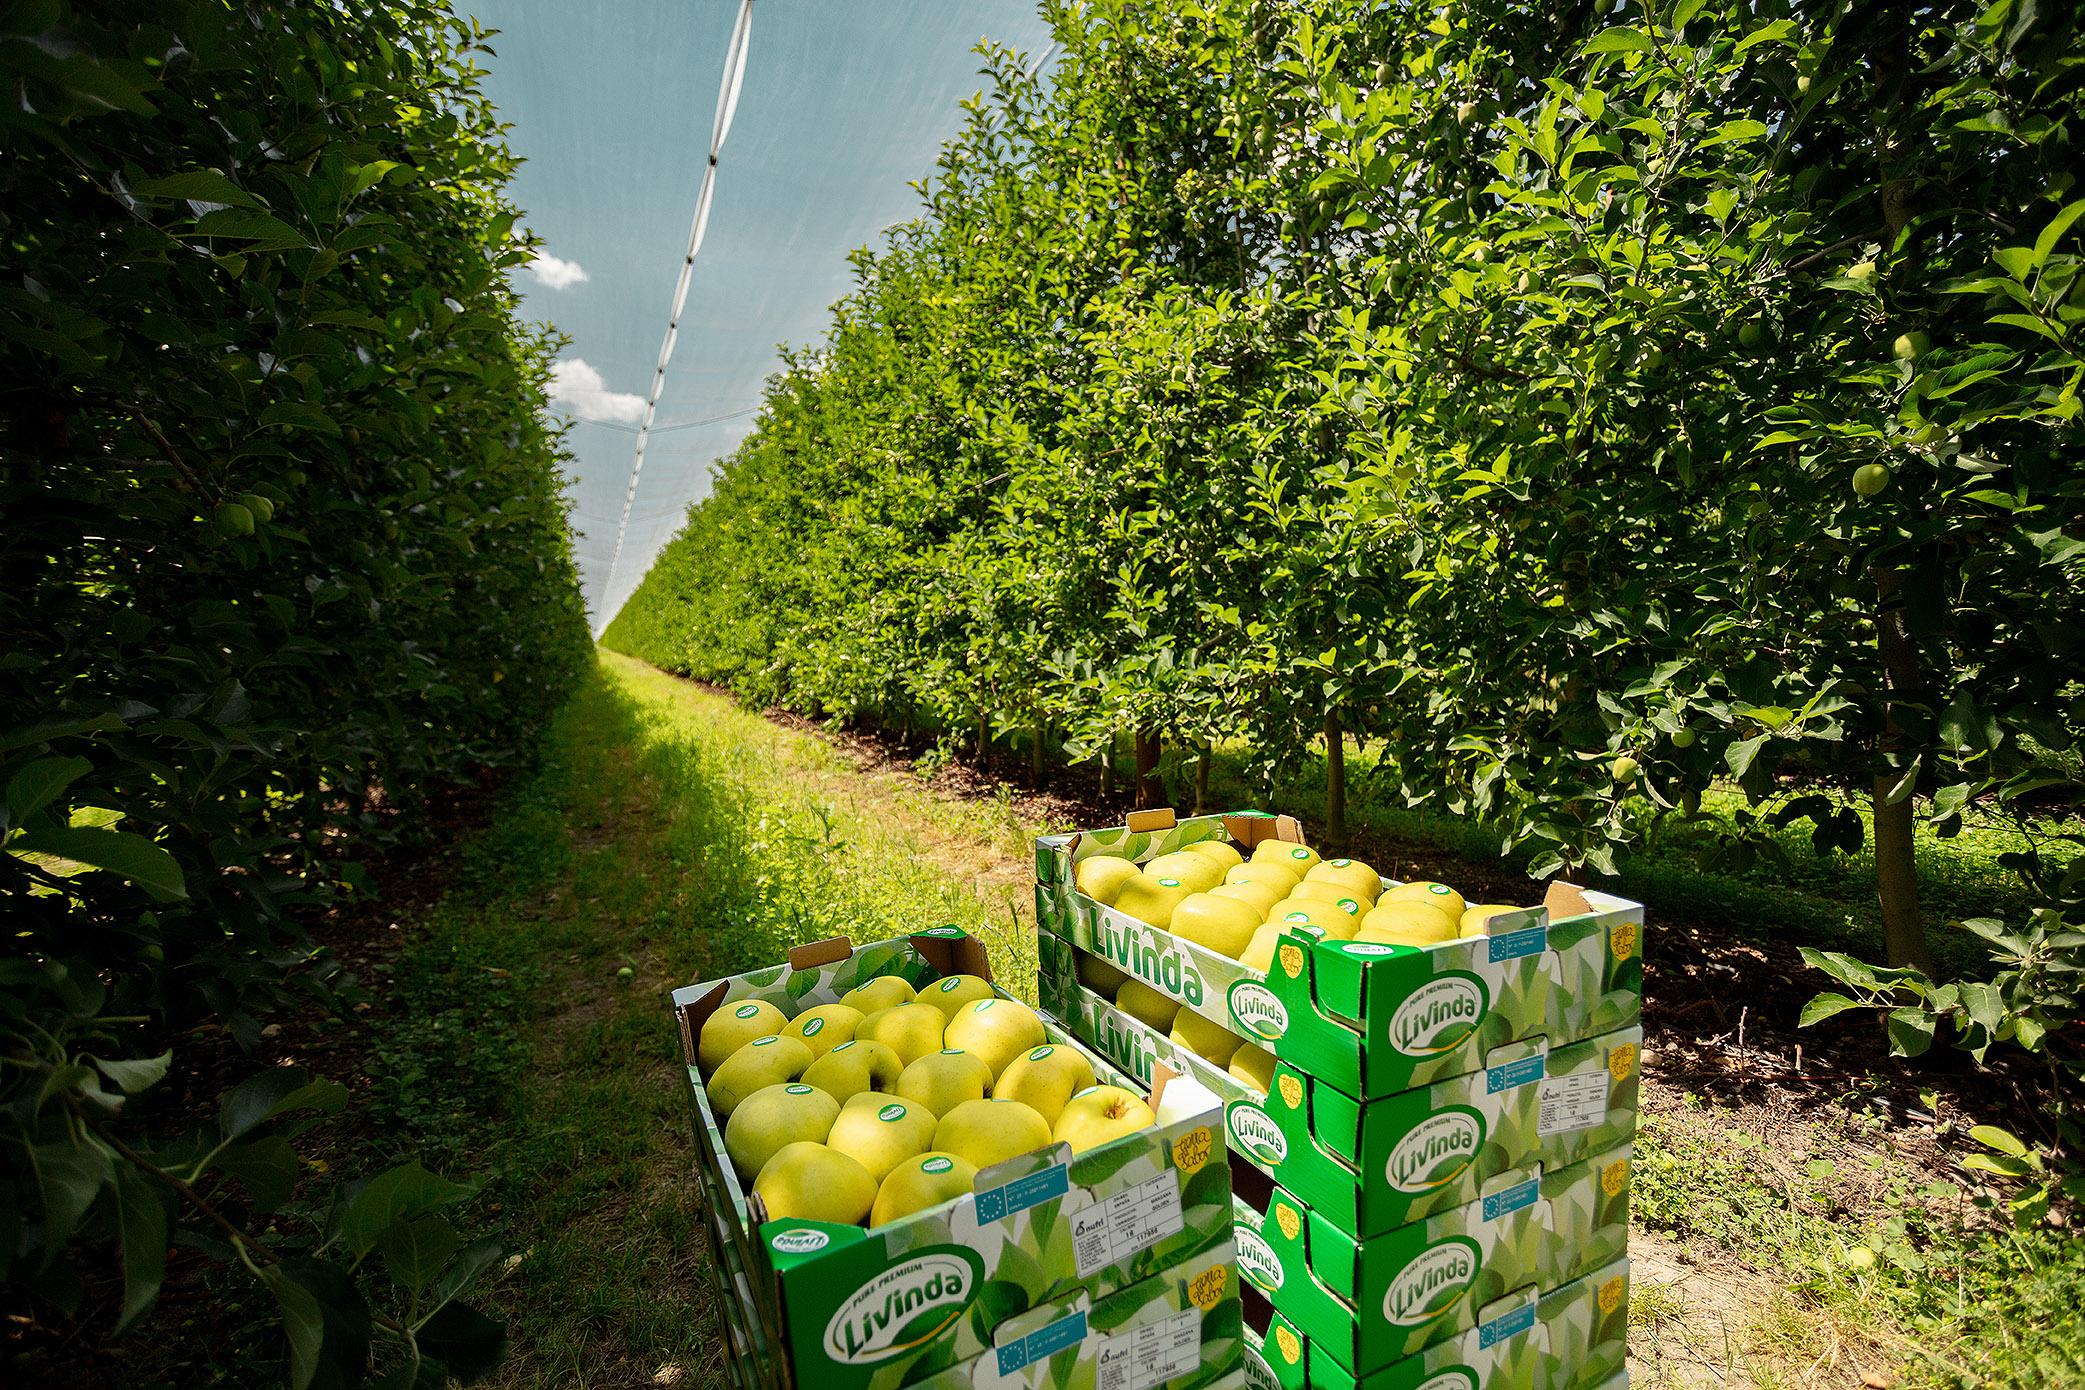 Imatges de pomes de la marca Livinda que Nufri ha començat a collir a les seva finca de la Rasa, a Sòria. Imatge del 23 d'agost del 2018. (Horitzontal)